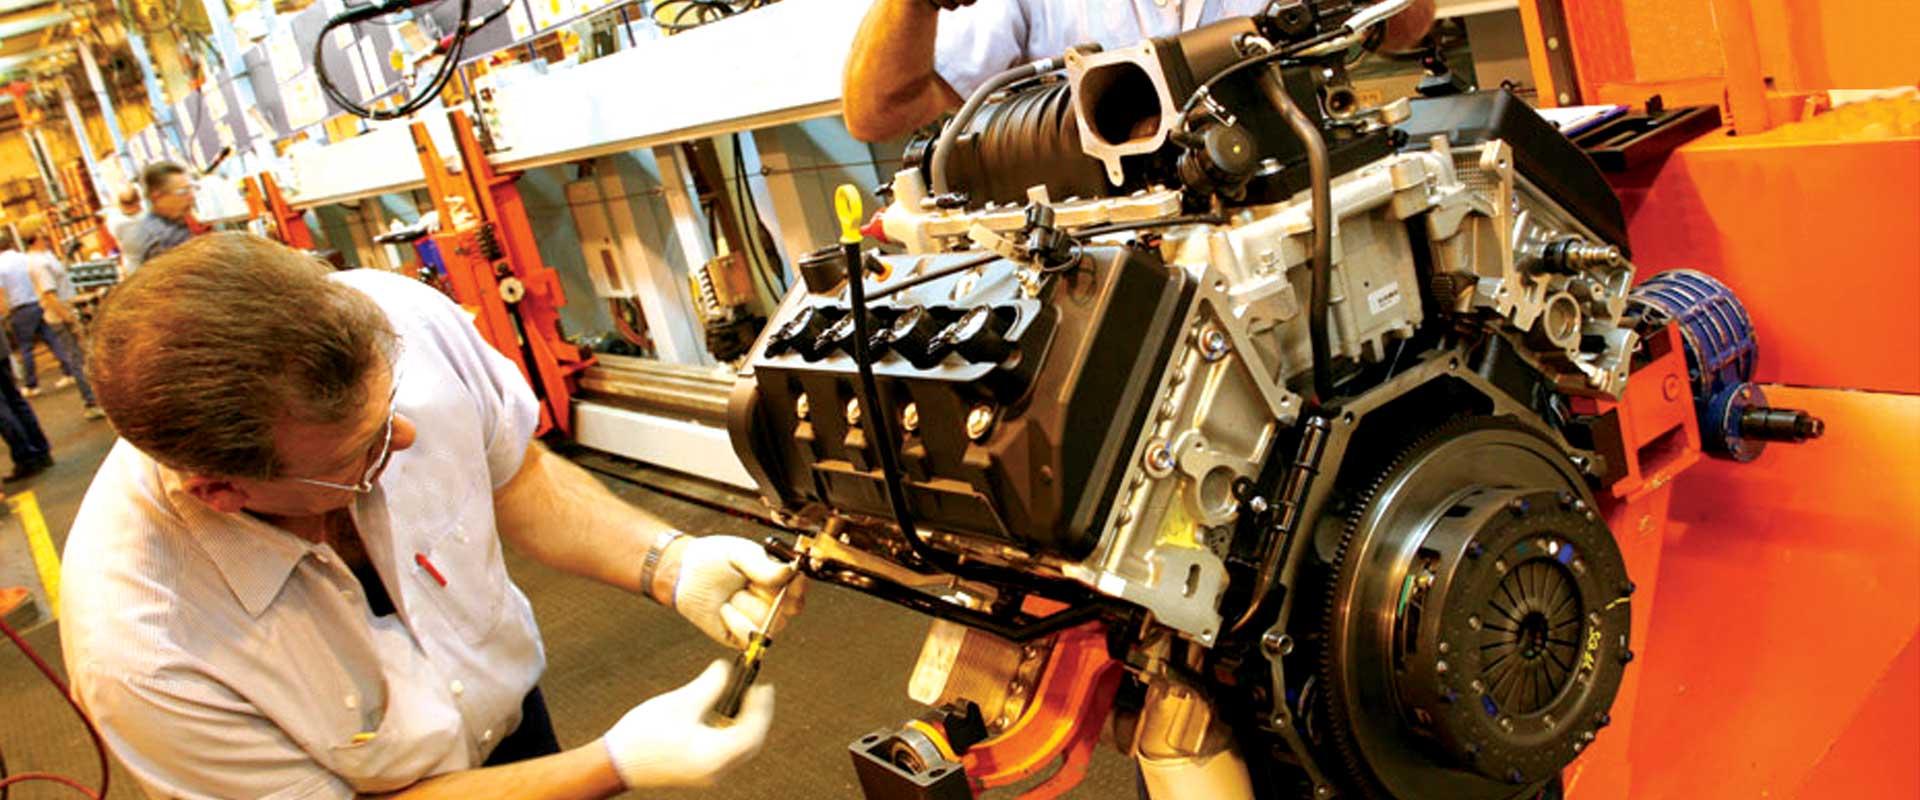 APEX 全球最大的工業手動和氣動工具品牌